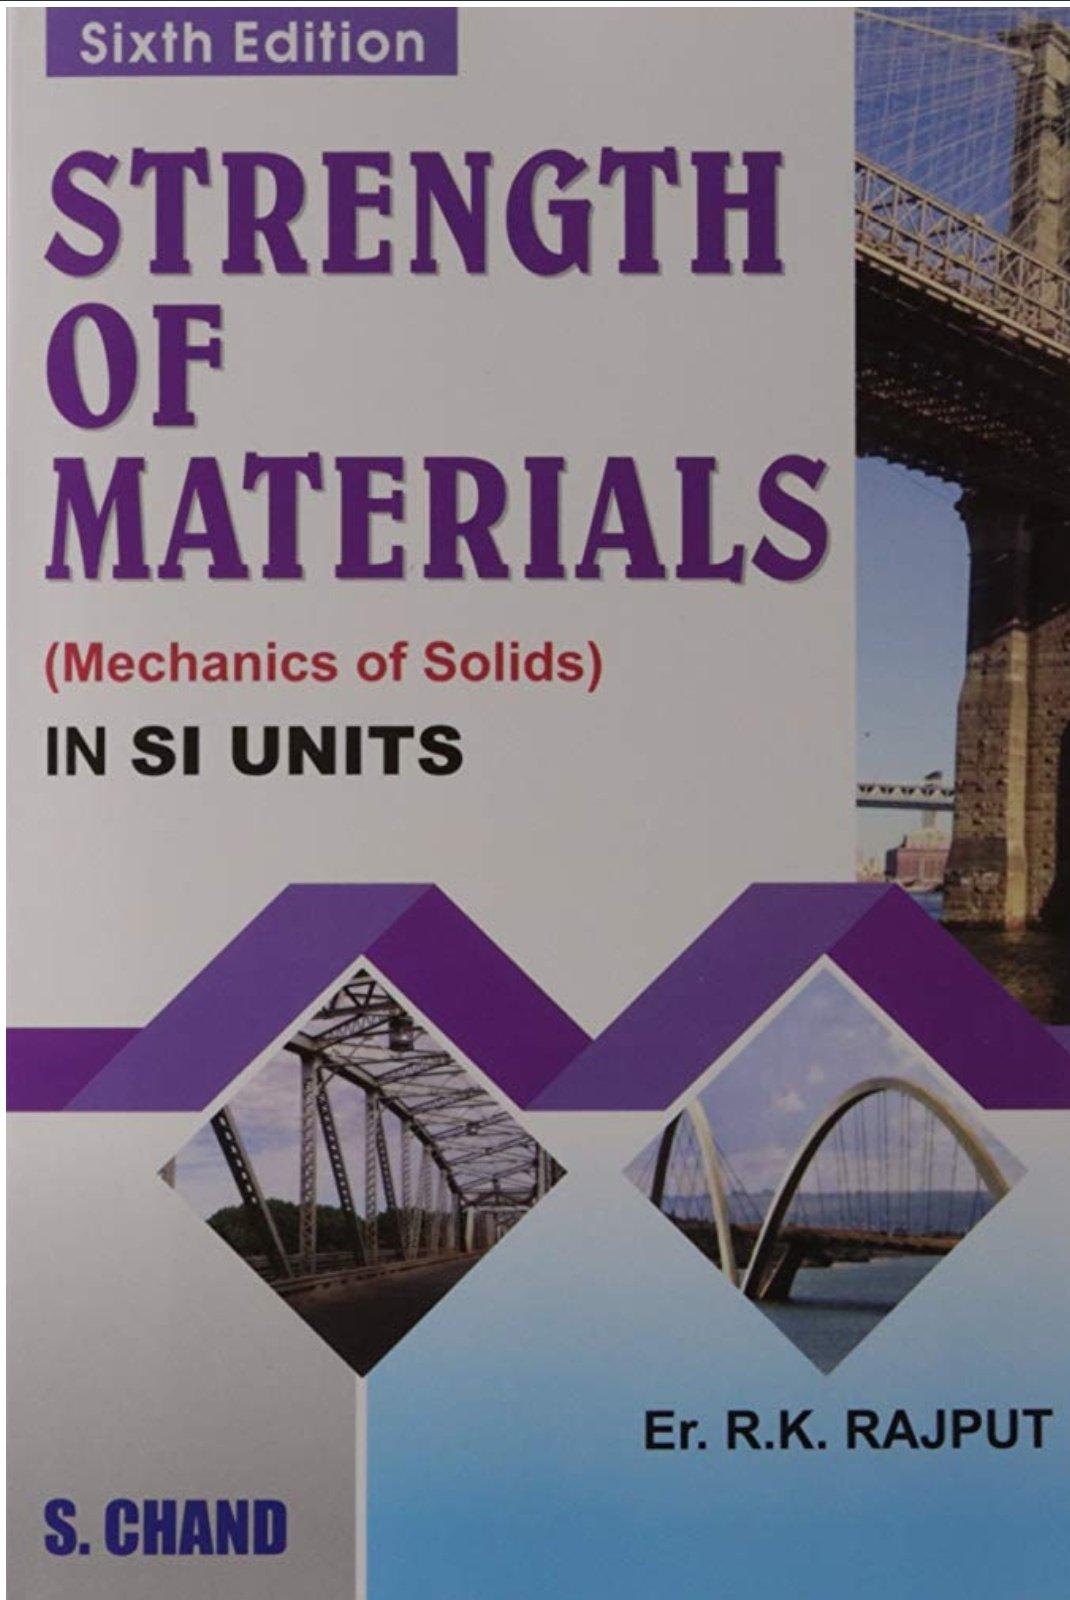 Strength Of Materials Full Book Pdf